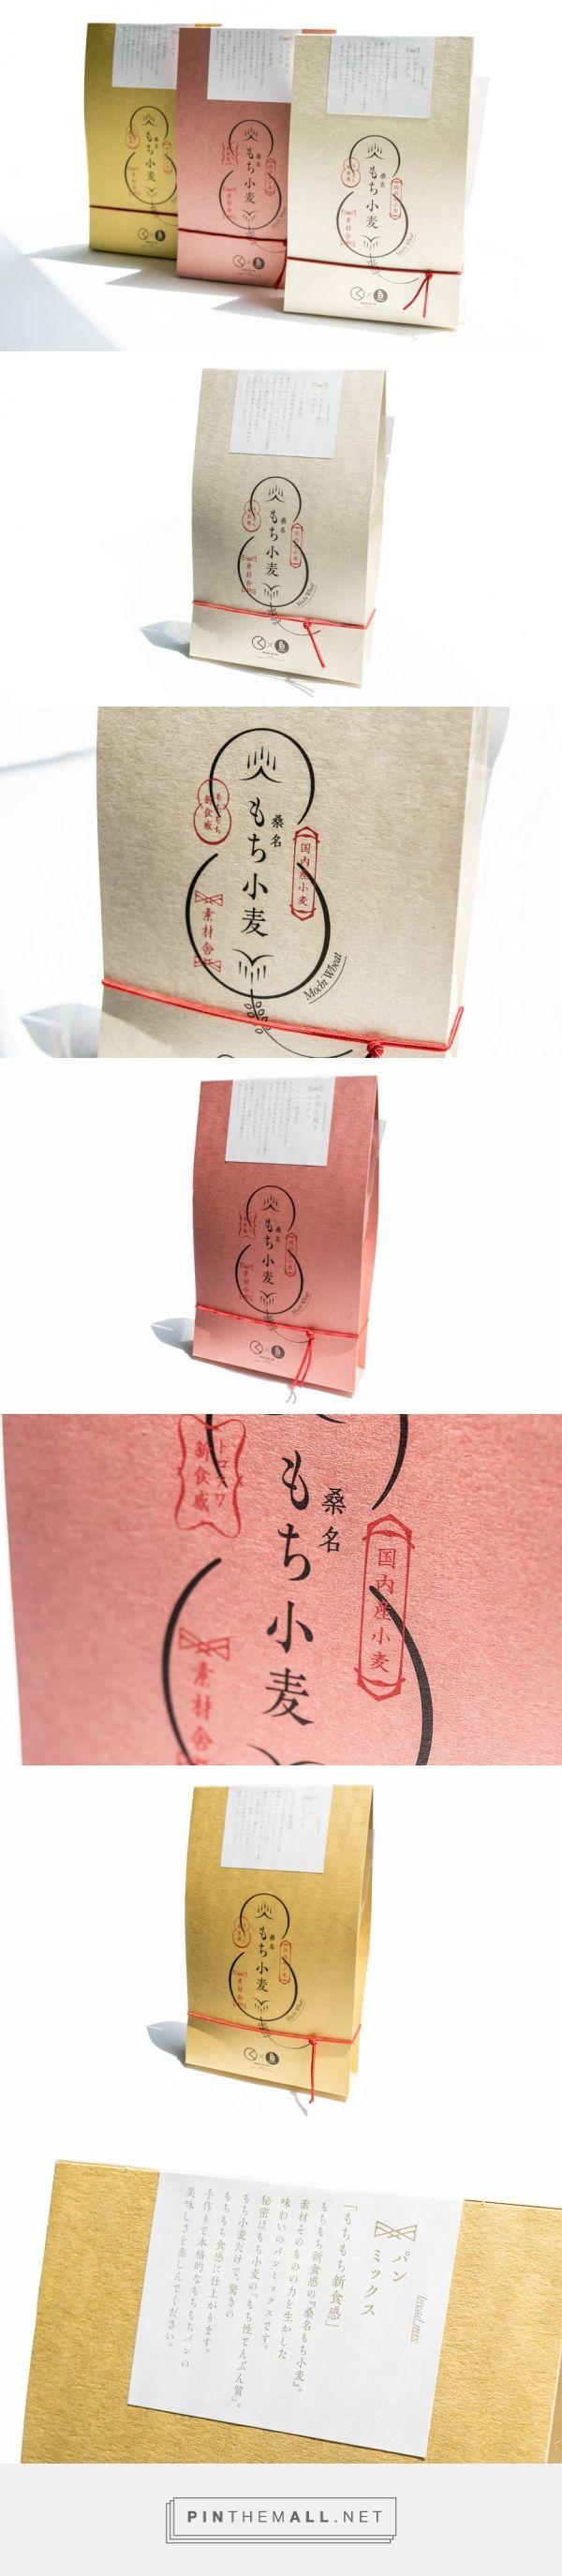 mochikomugi #Wheat #Packaging #Design by Sekilala (#Japan) - http://www.packagingoftheworld.com/2016/06/mochikomugi.html